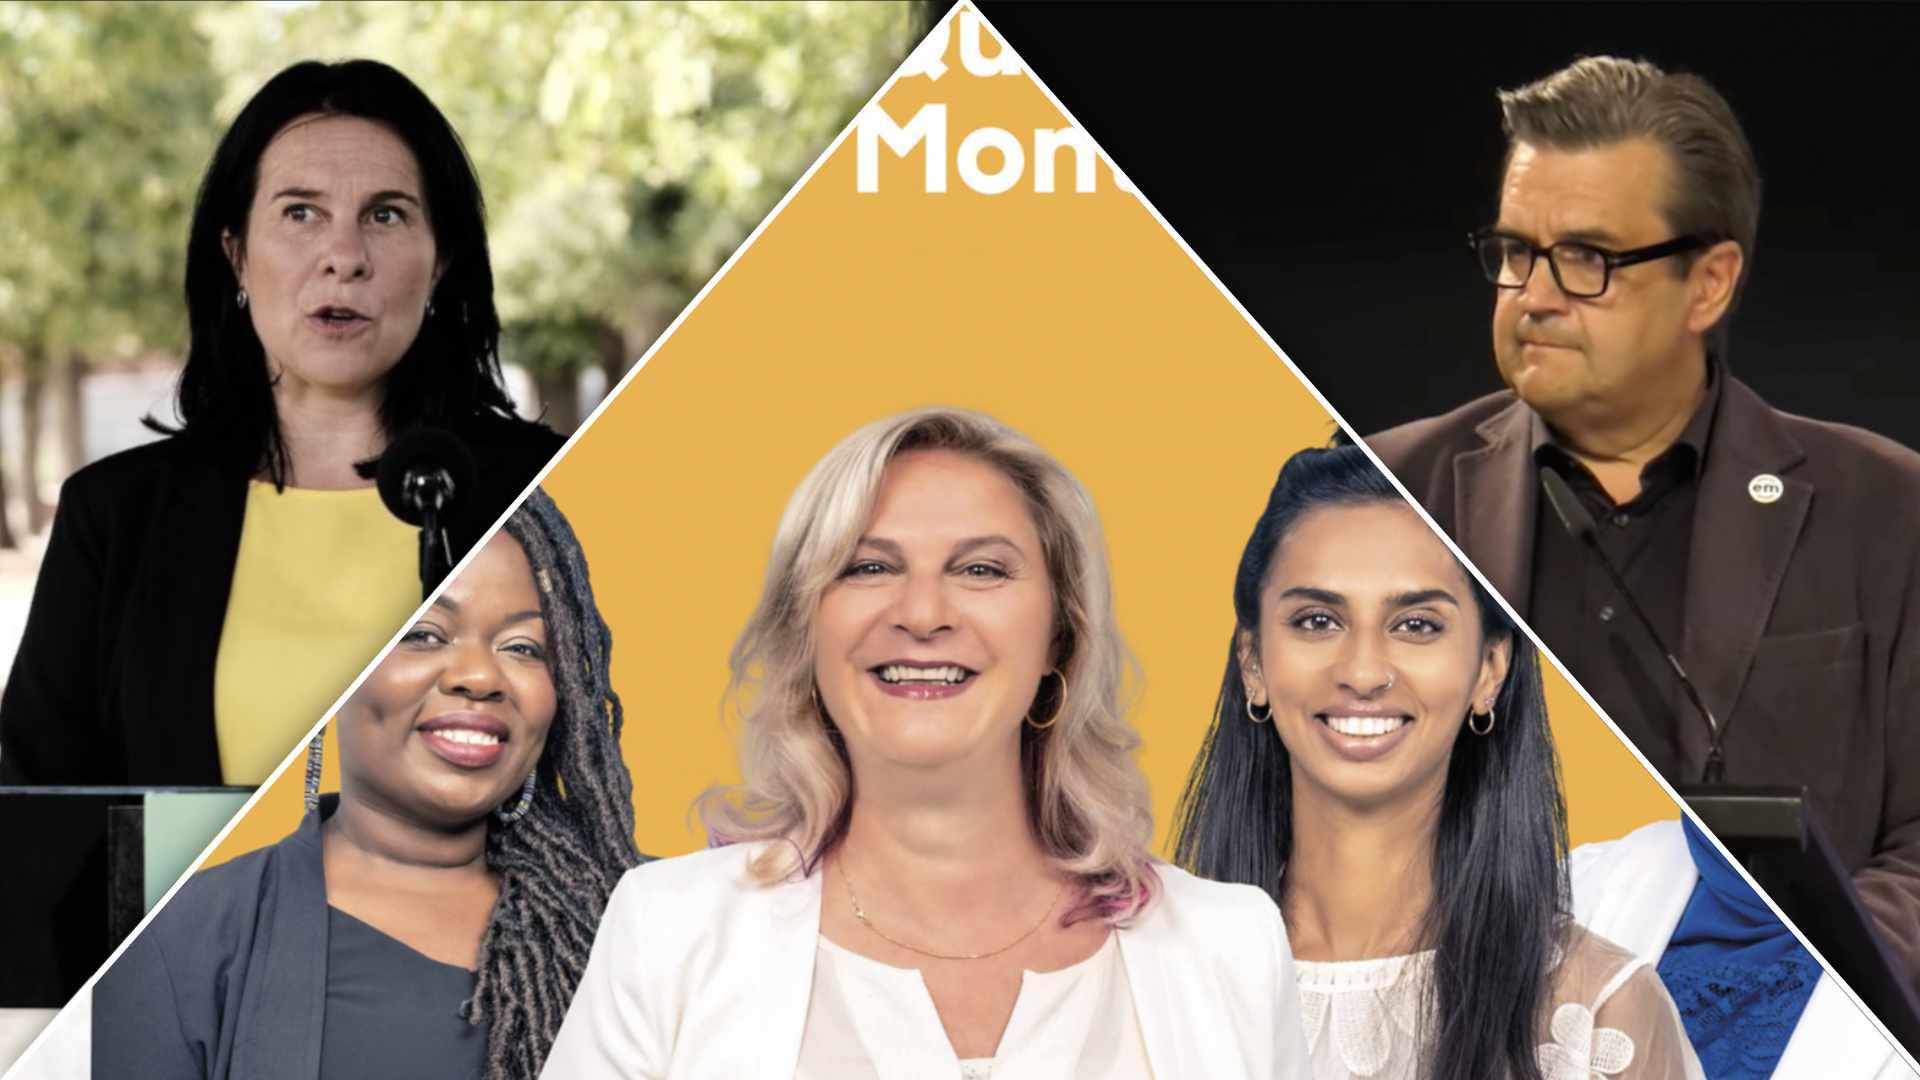 Montreal: Banderazo de salida a elecciones municipales